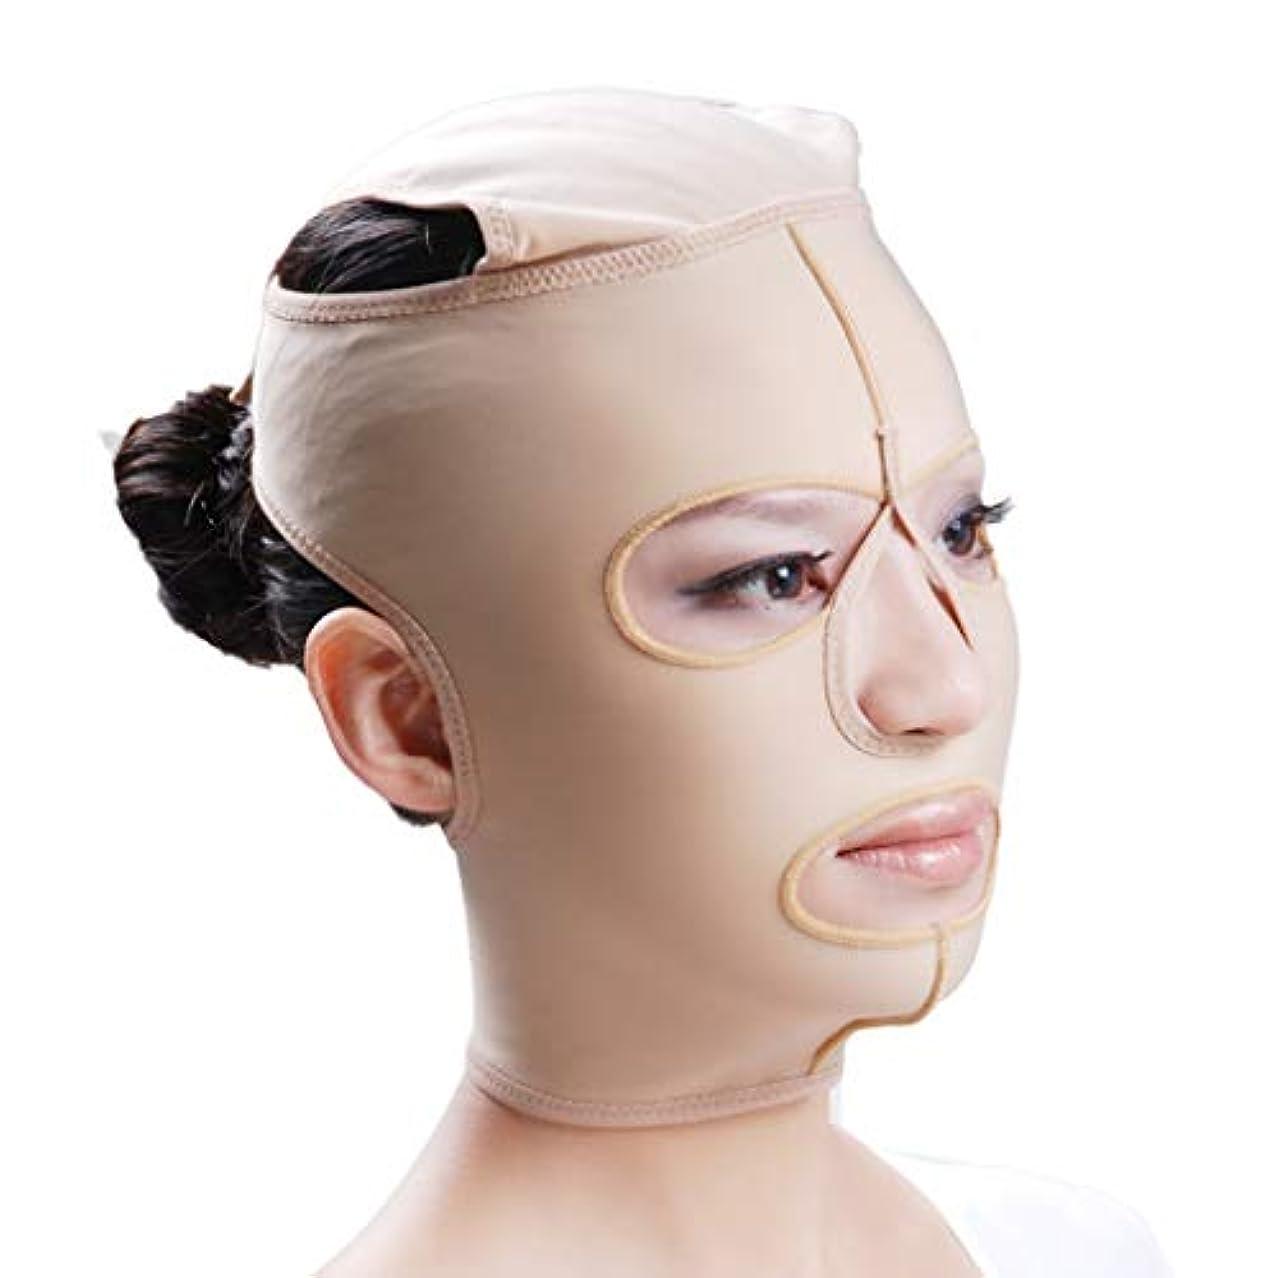 普及書士放送フェイスリフトマスク、フルフェイスマスク医療グレード圧力フェイスダブルチンプラスチック脂肪吸引術弾性包帯ヘッドギア後の顔の脂肪吸引術 (Size : L)